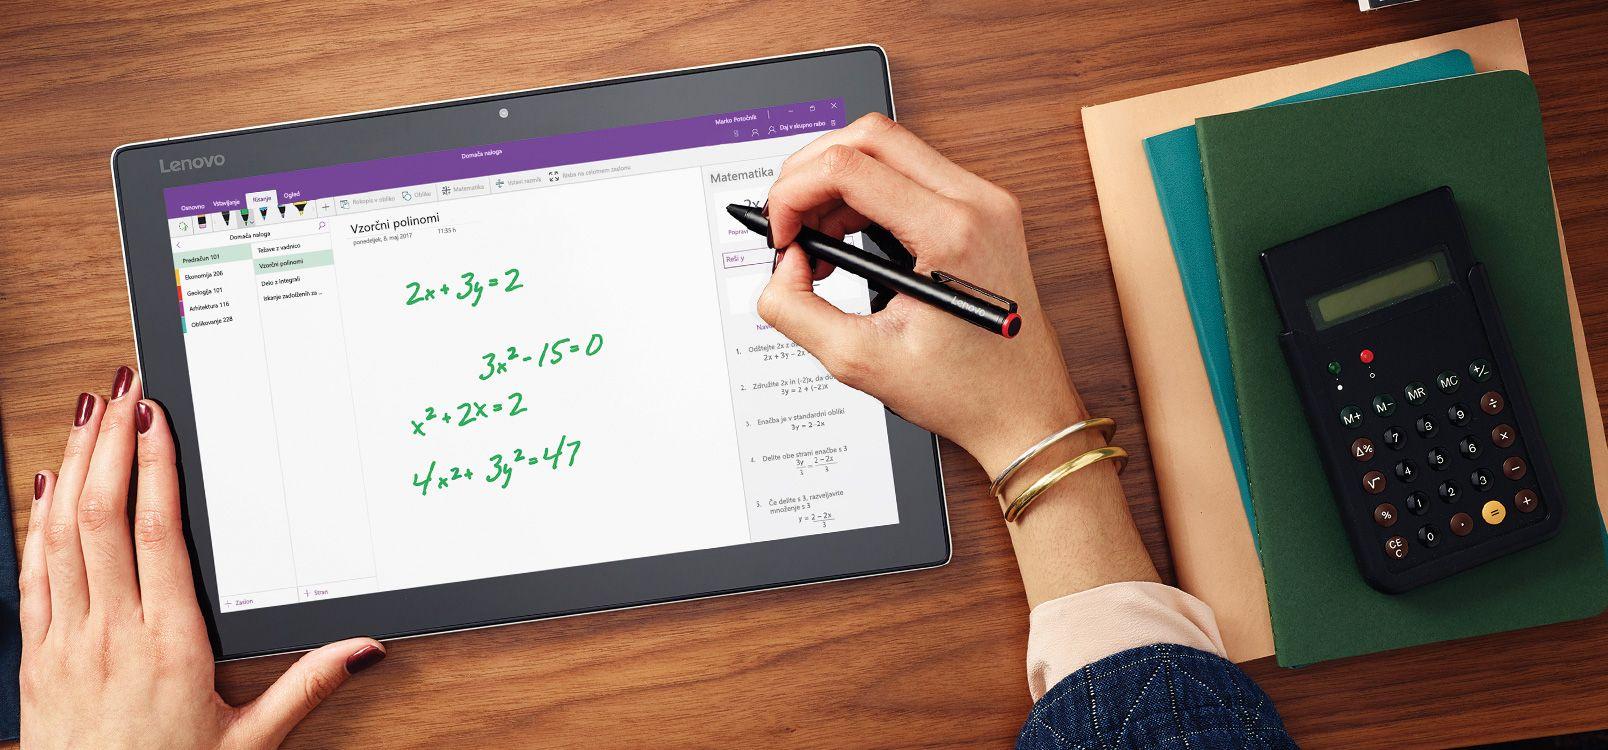 Zaslon tabličnega računalnika, ki prikazuje uporabo pomočnika za pretvarjanje rokopisa v matematično enačbo v OneNotu